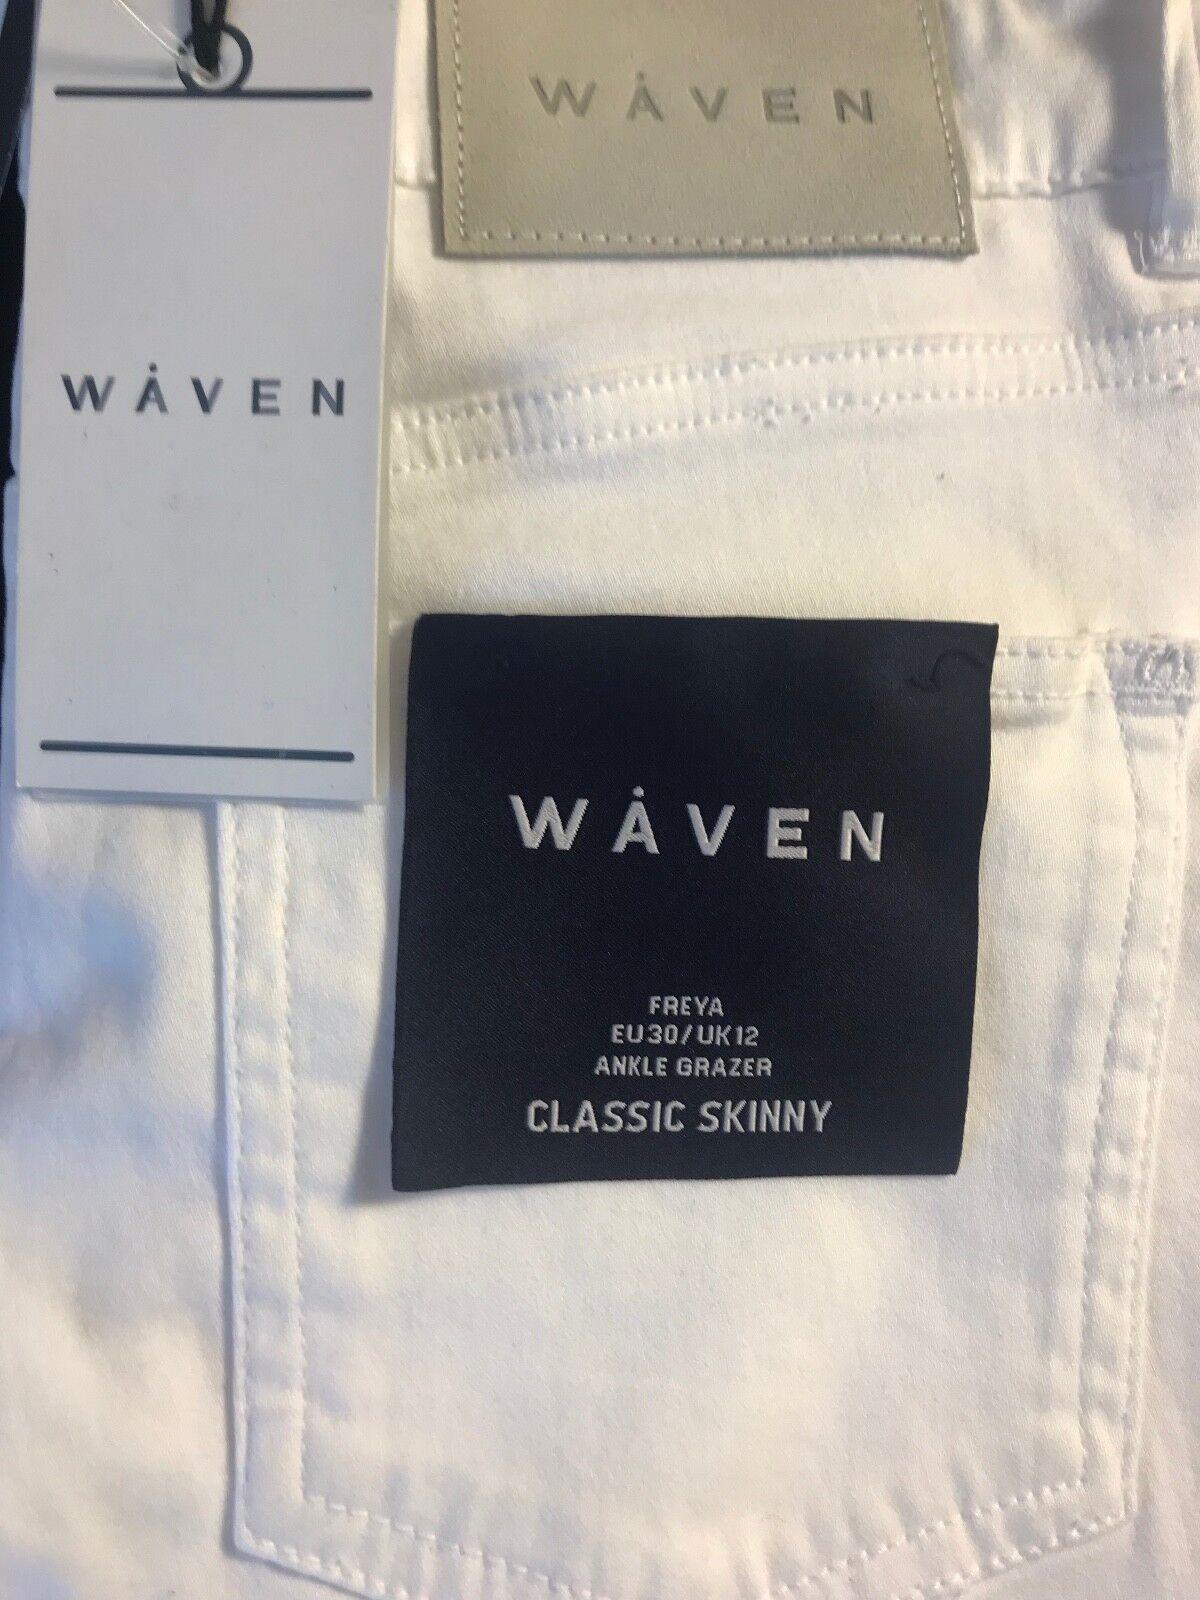 BNWT WAVEN Women's FREYA Classic Skinny Ankle Grazer Soft  White Jeans